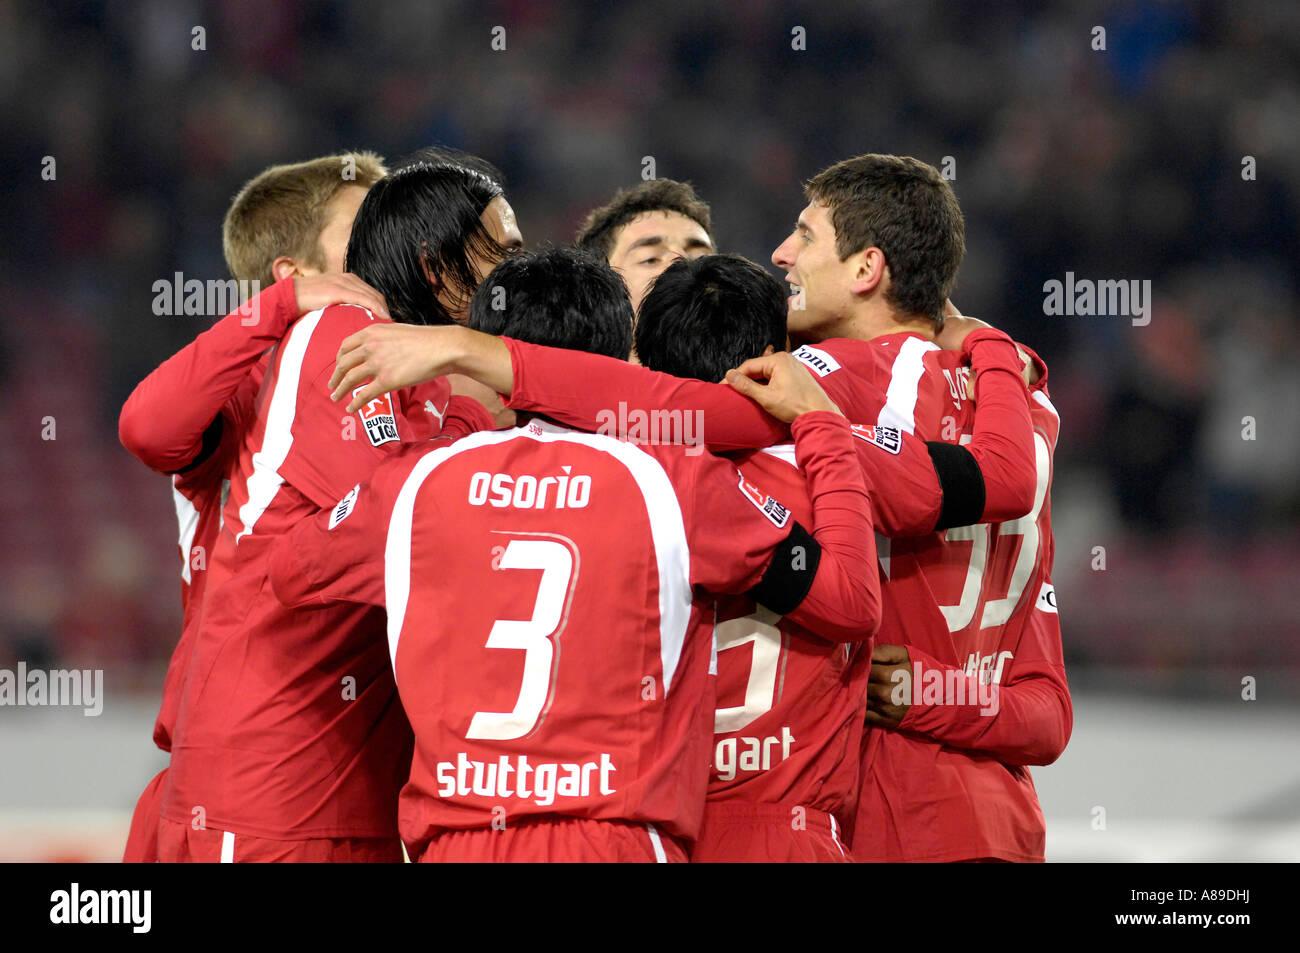 VfB Stuttgart players cheer after goal Stock Photo